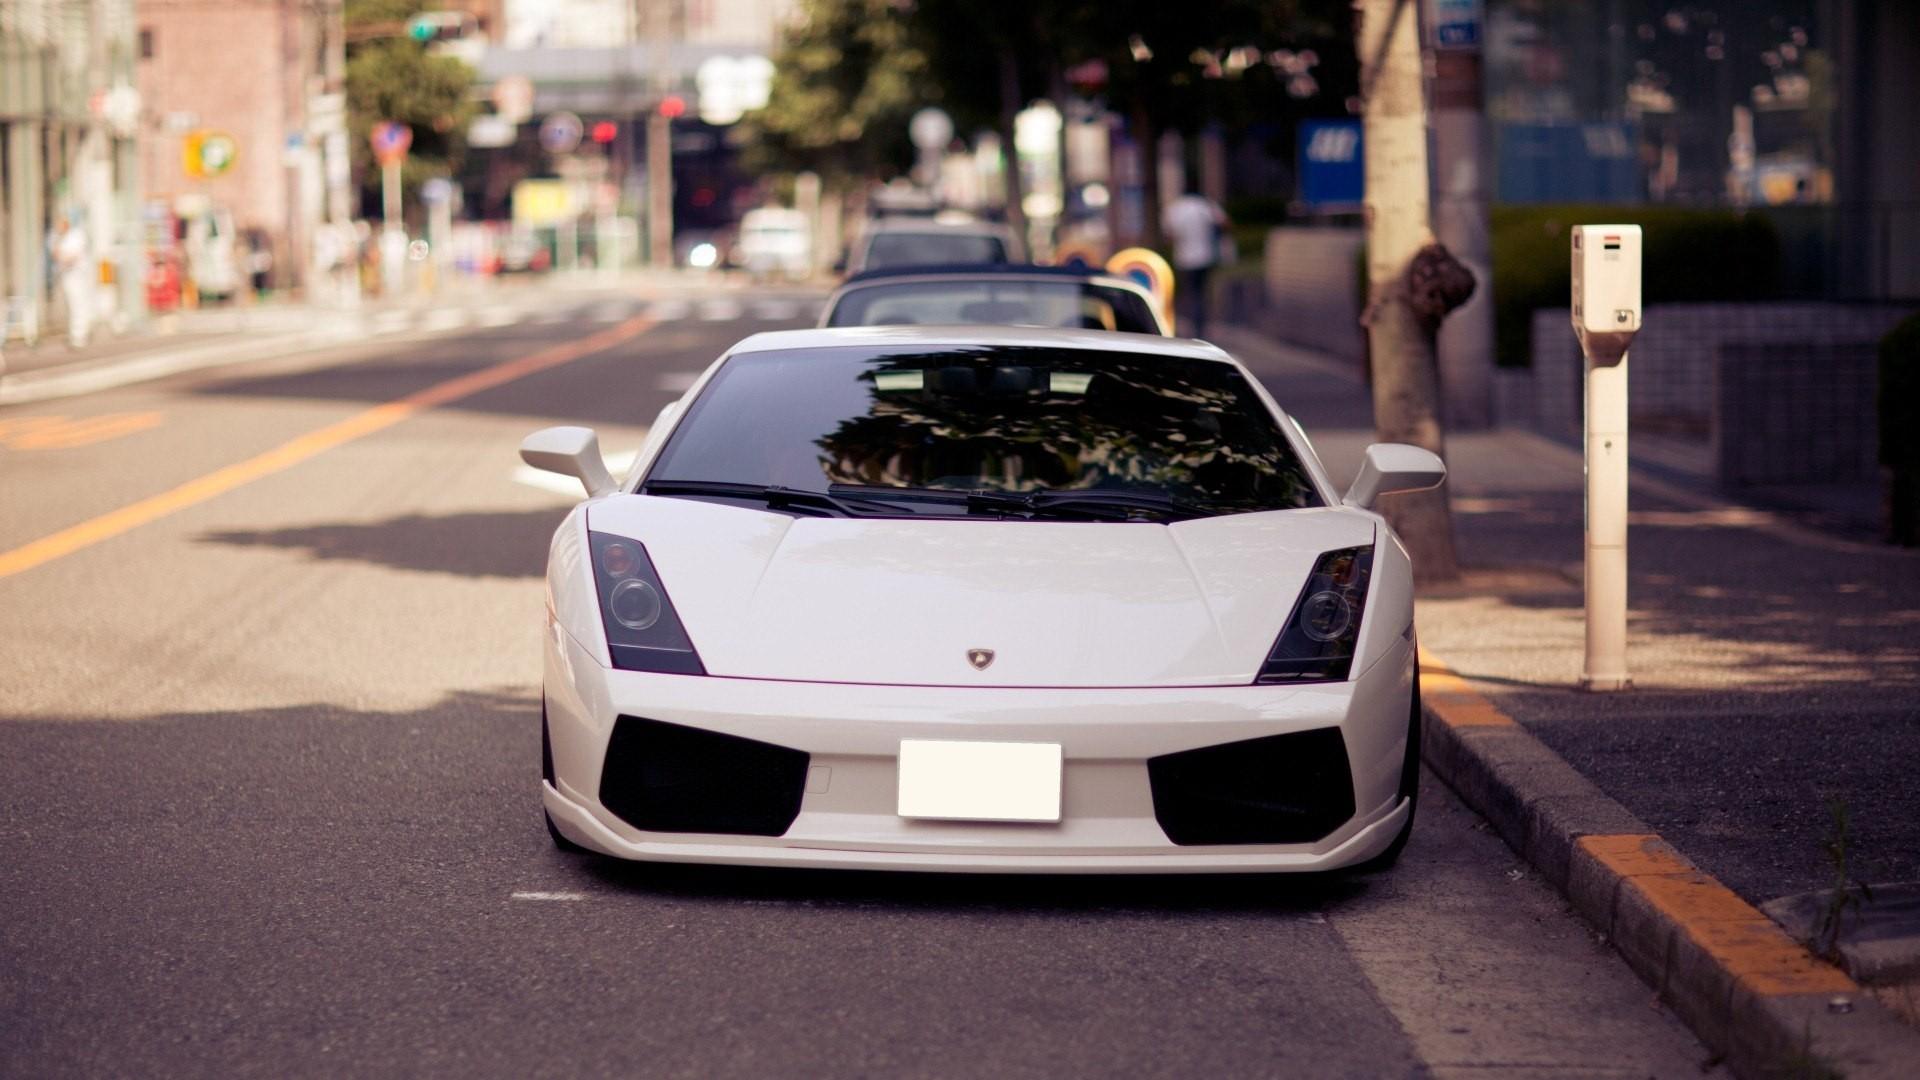 Luxurious Vw Sport Full Hd Car Wallpapers: Fondos De Pantalla : Blanco, Vehículo, Lamborghini